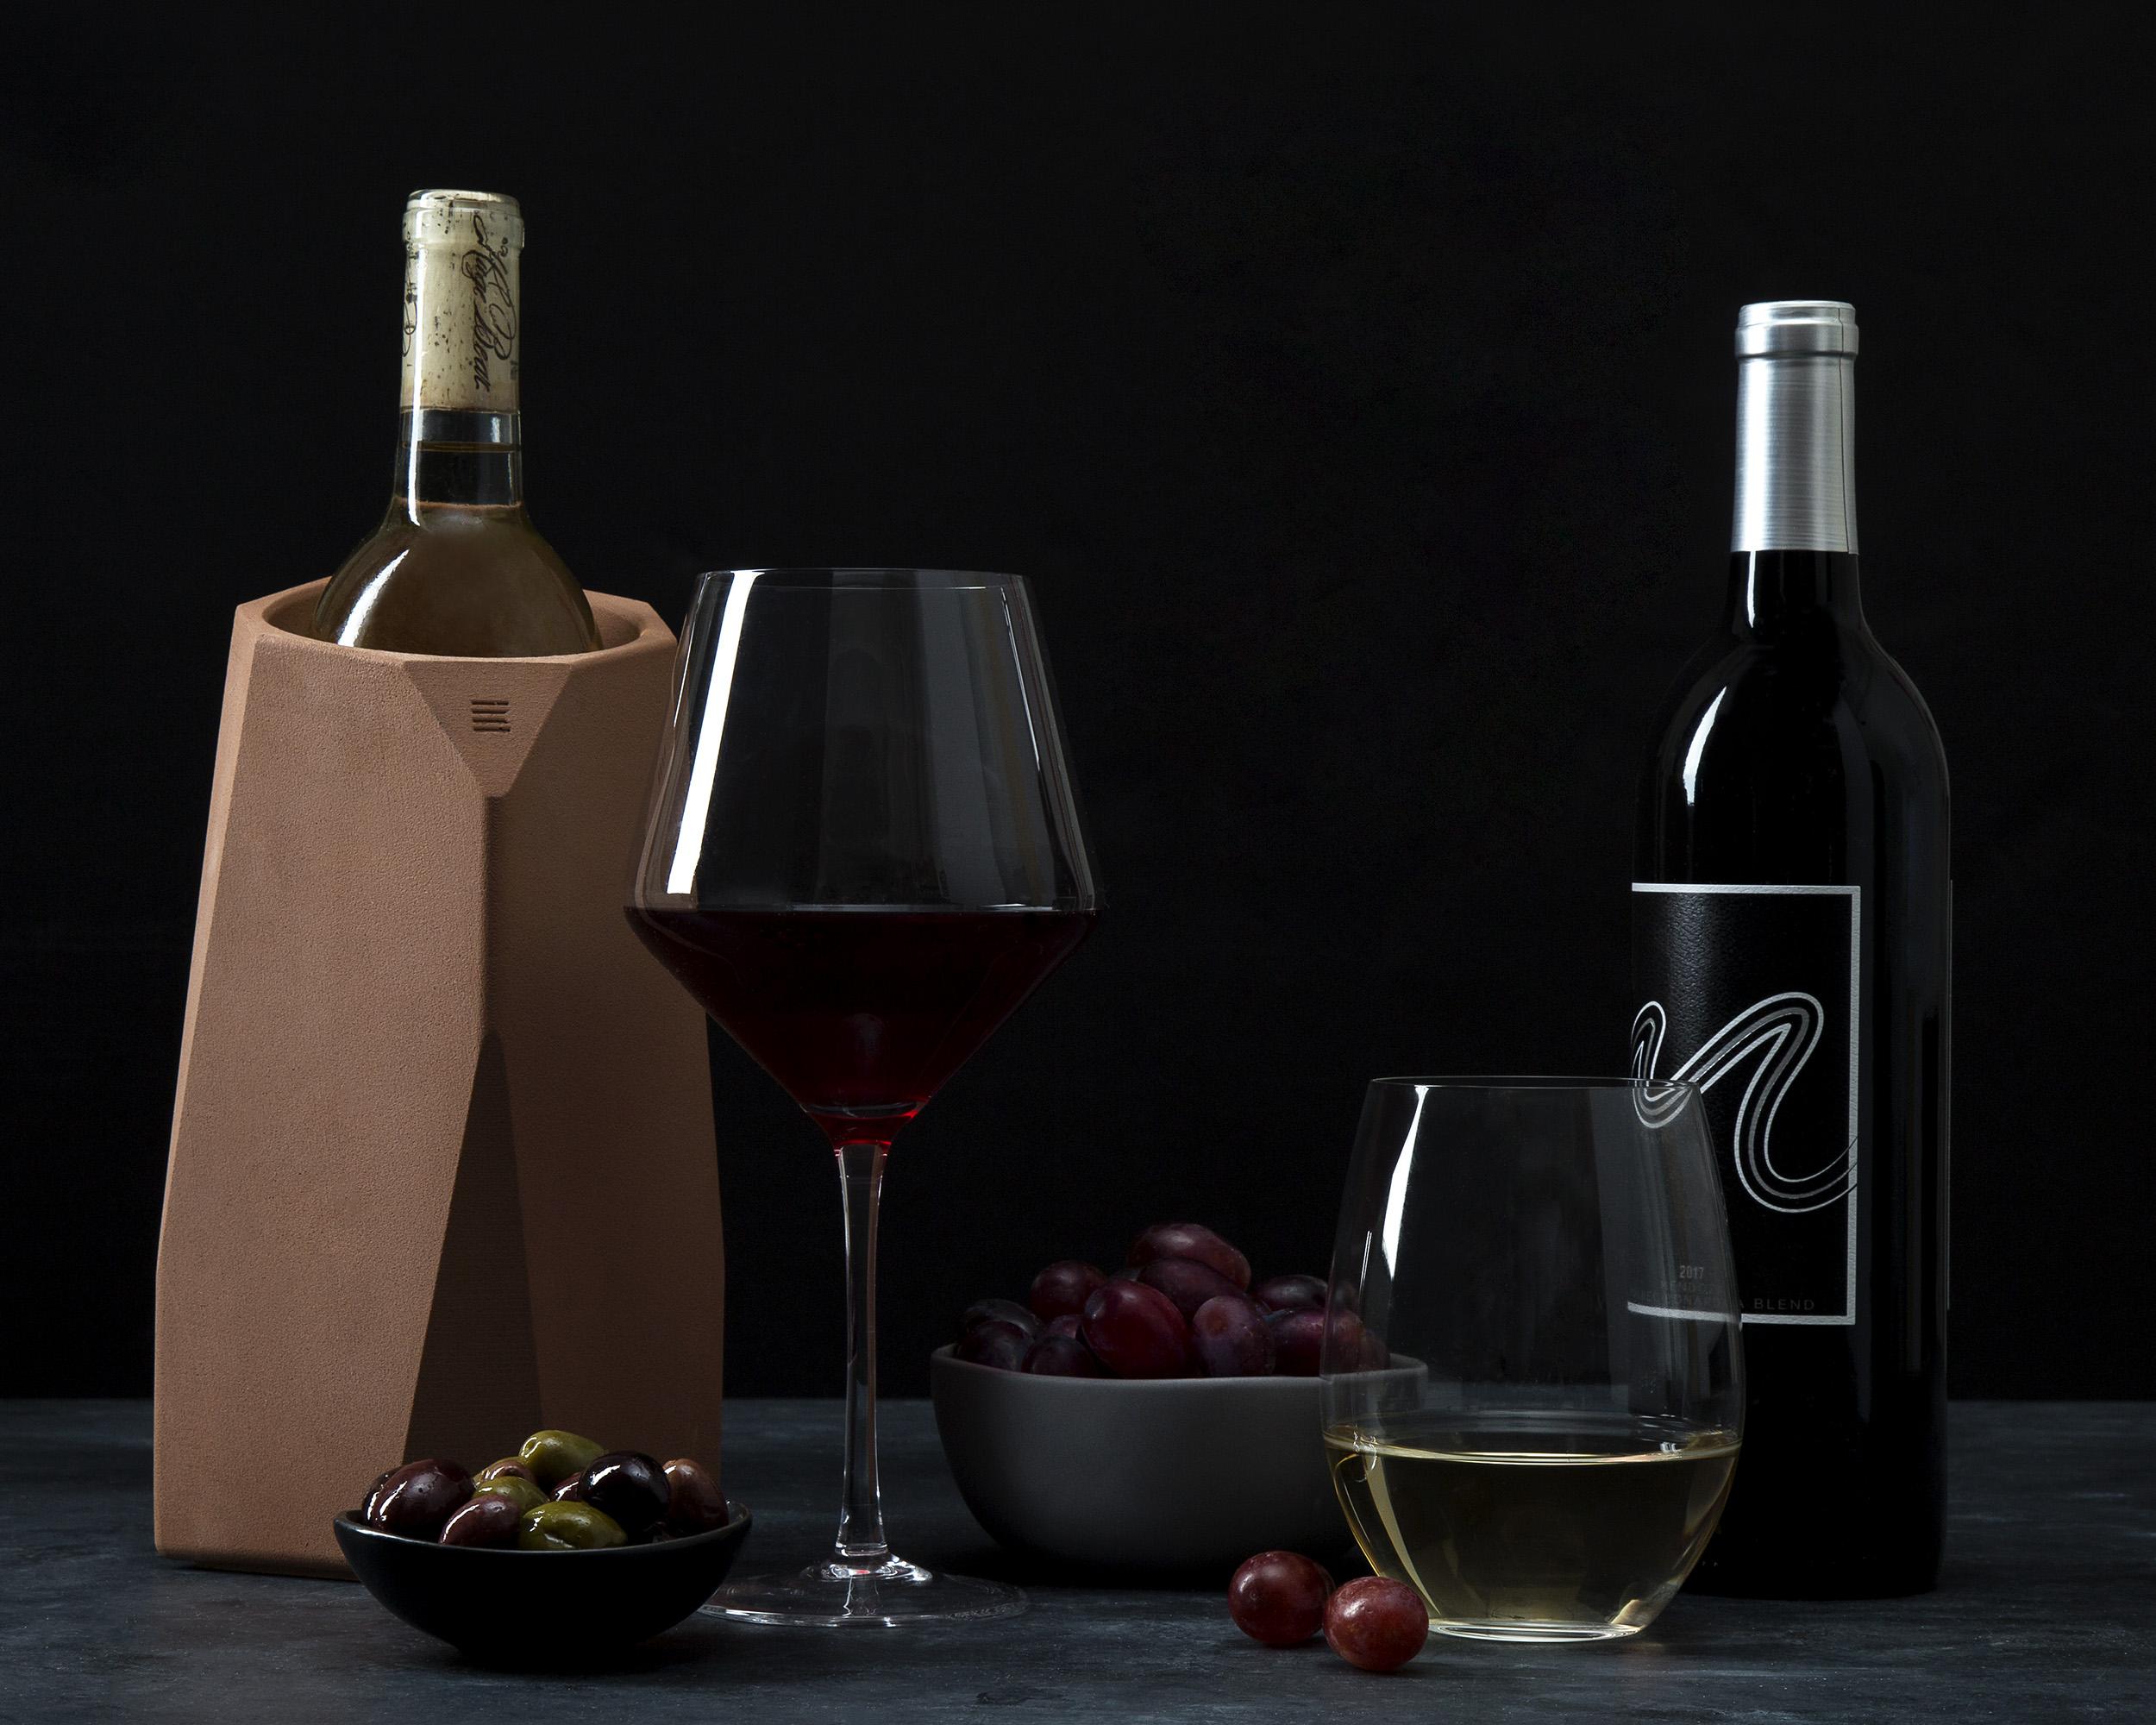 wine-grapes-matt-kashtan.jpg